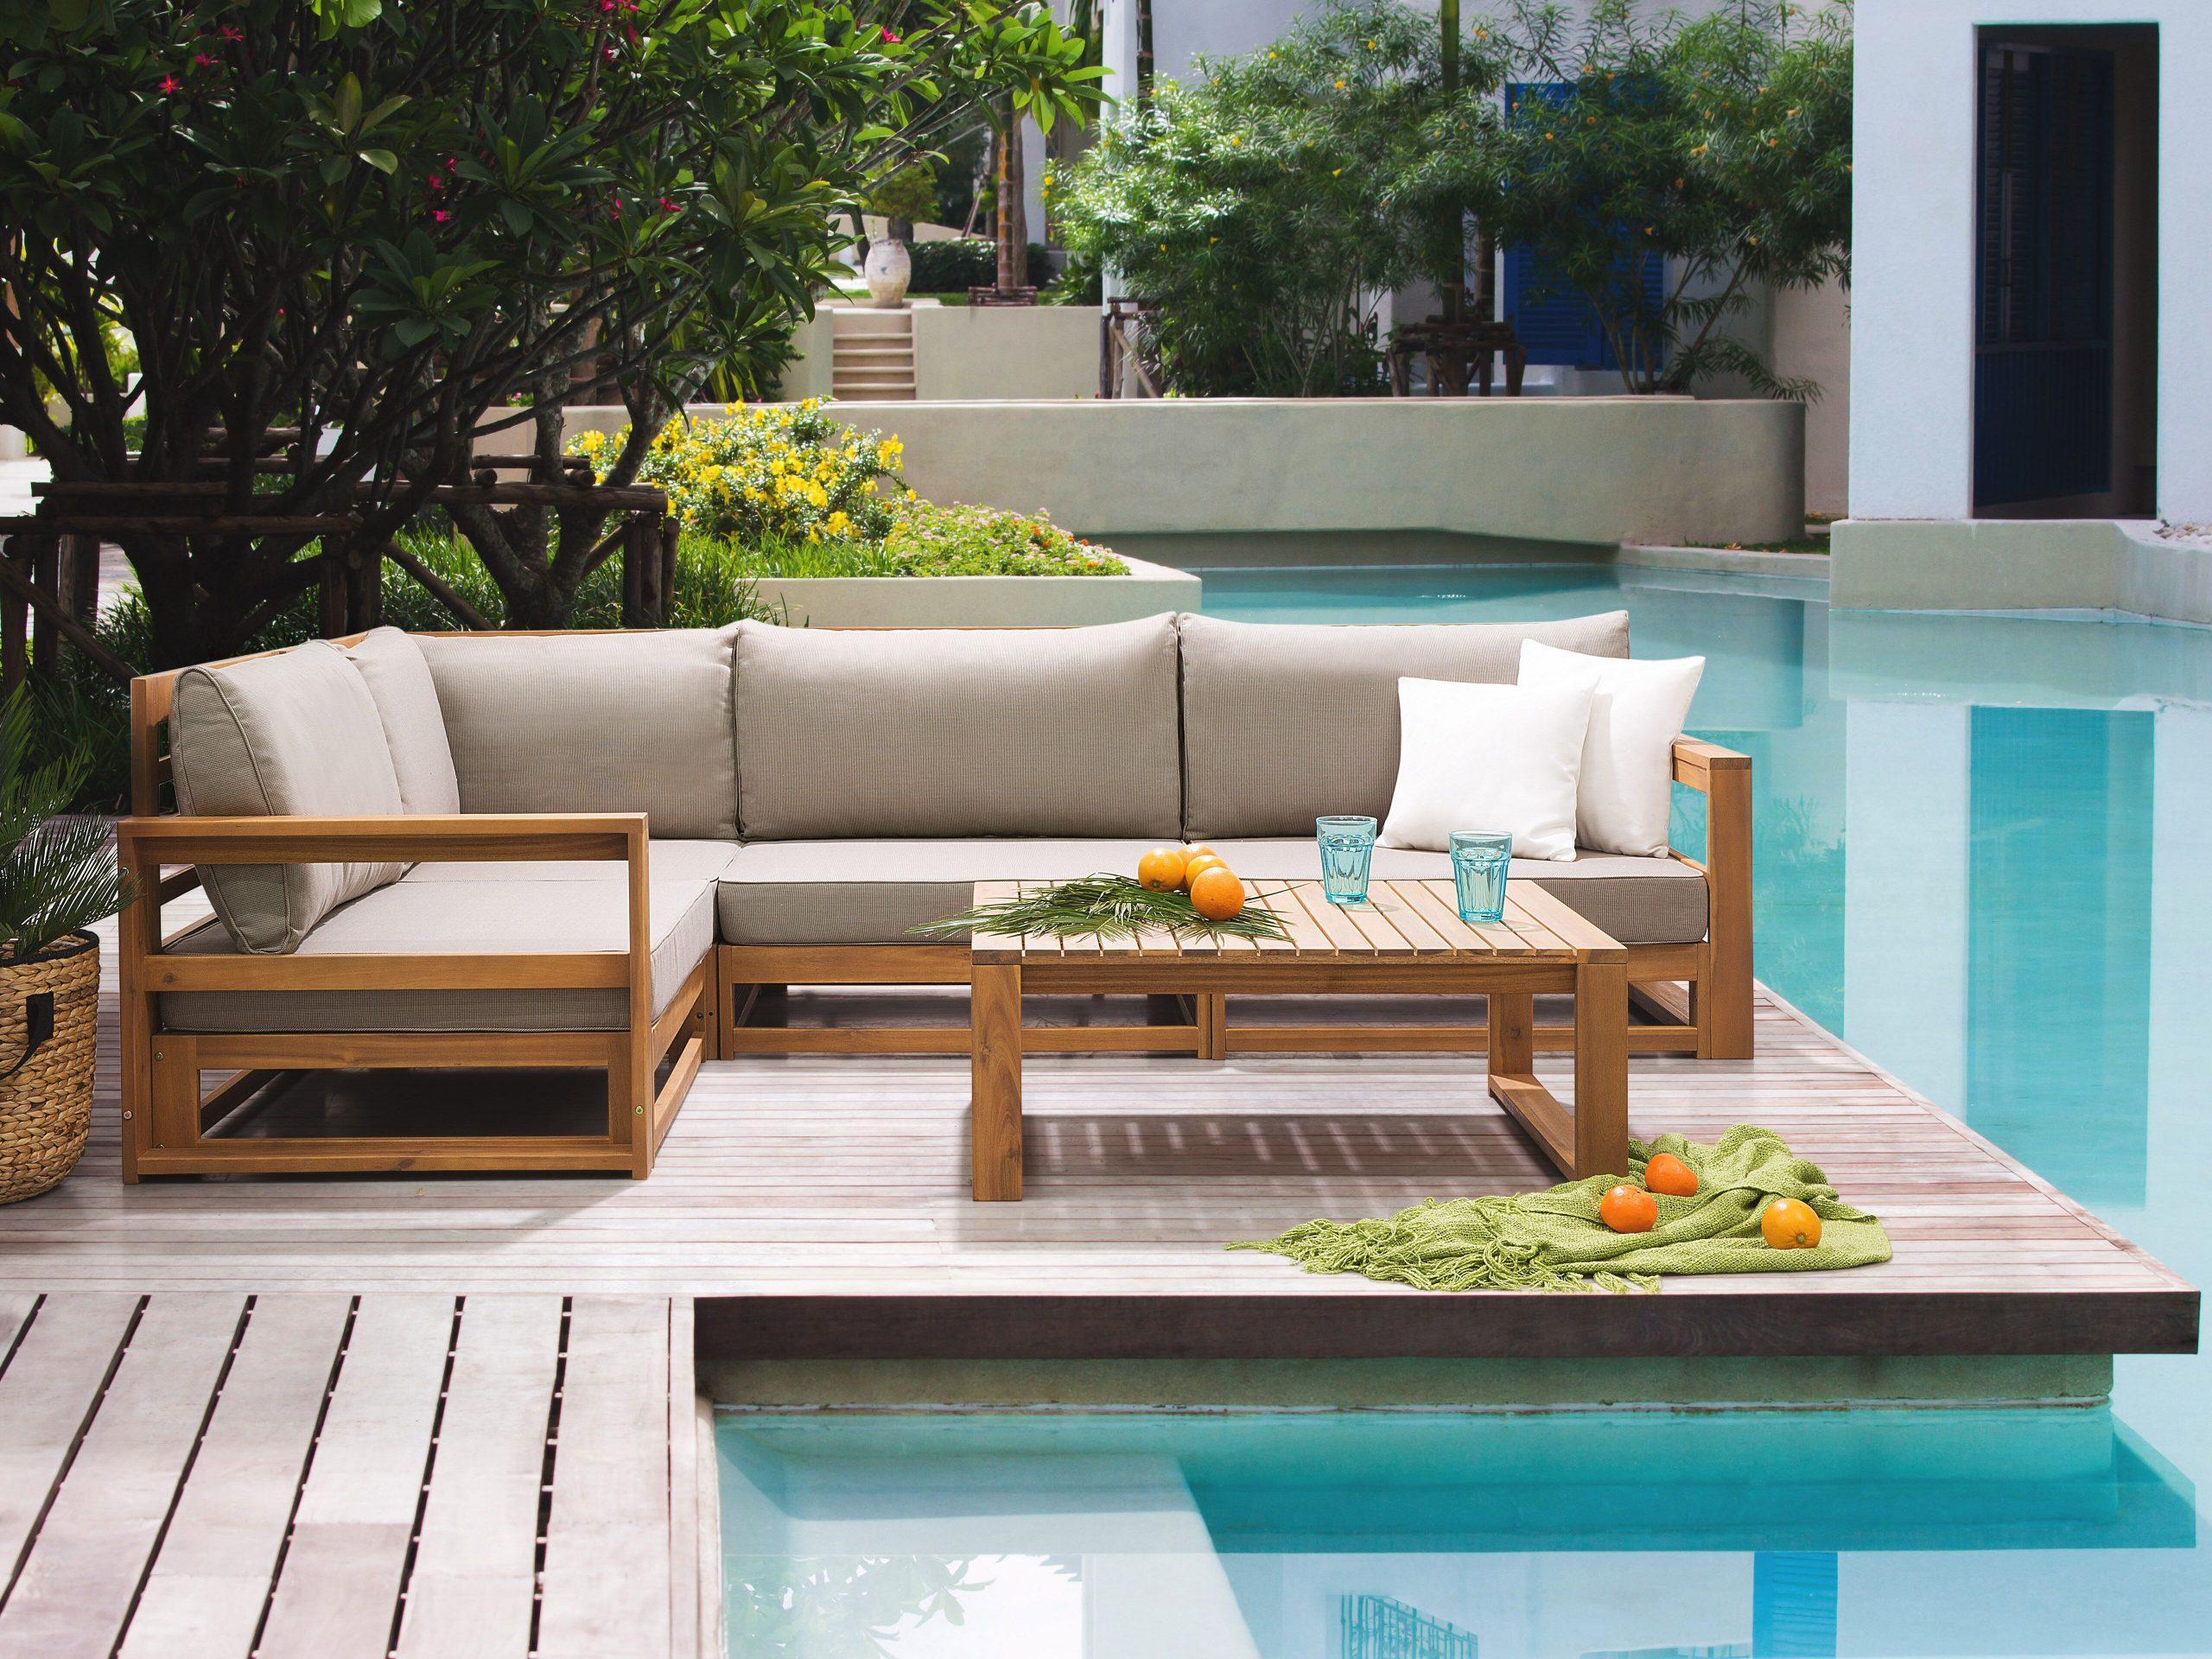 Full Size of Garten Loungemöbel Holz Lounge Set Zertifiziertes Braun Timor Belianide Sichtschutz Im Kinderhaus Küche Weiß Bad Unterschrank Möbel überdachung Holzhaus Garten Garten Loungemöbel Holz